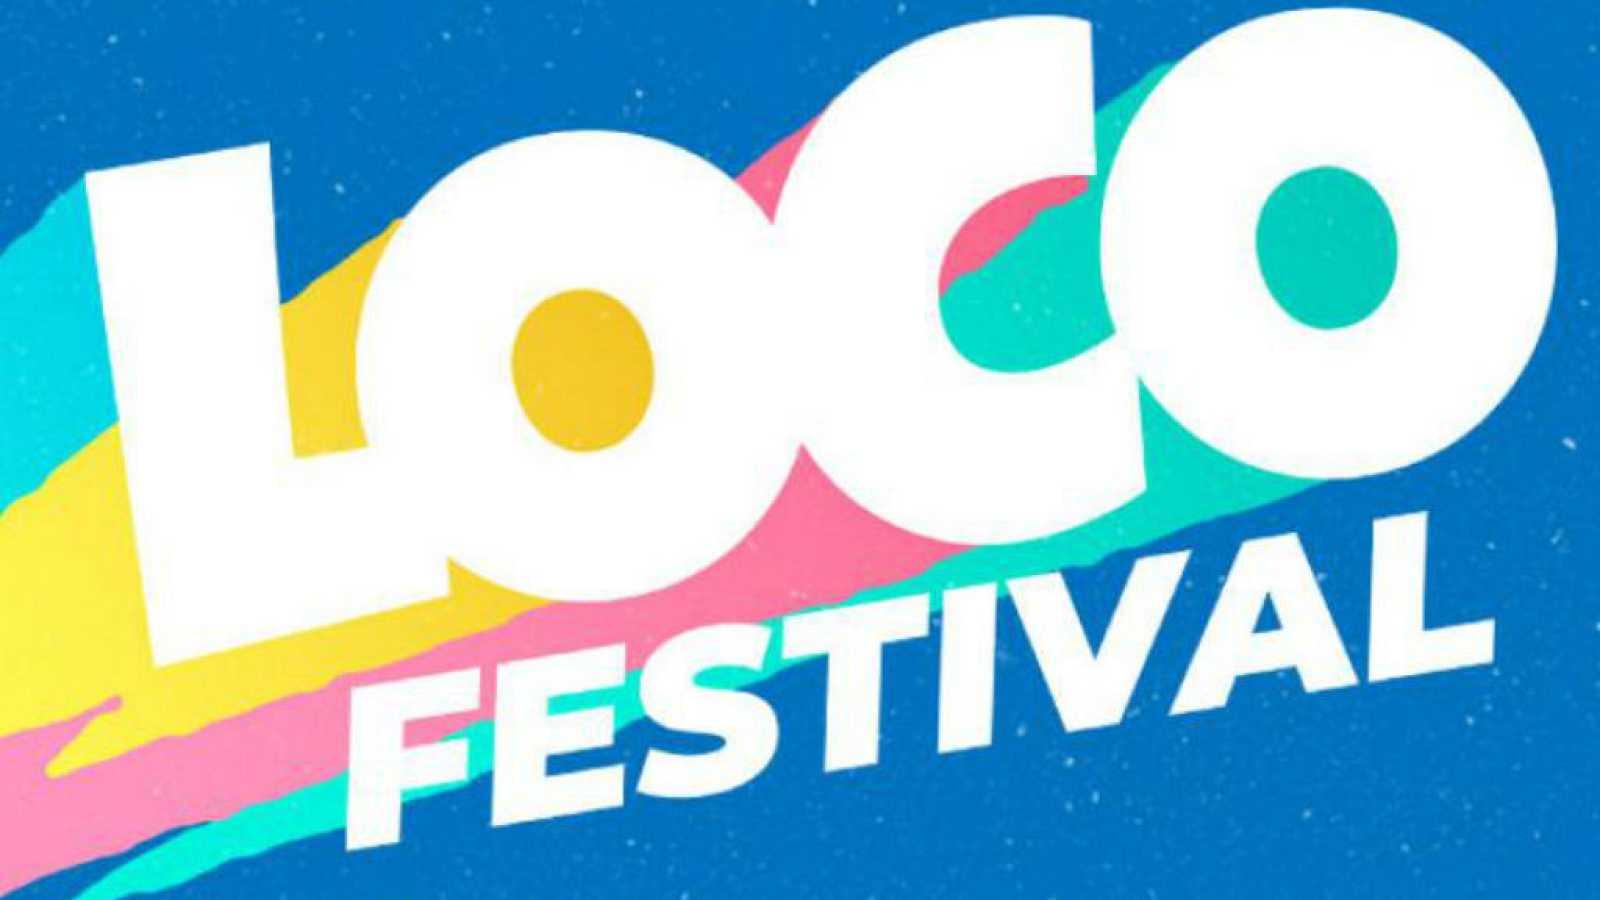 Educar para la paz - Programa nº 199 - Os invitamos a participar en el 'ACNUR Loco Festival' - 05/02/19 - escuchar ahora